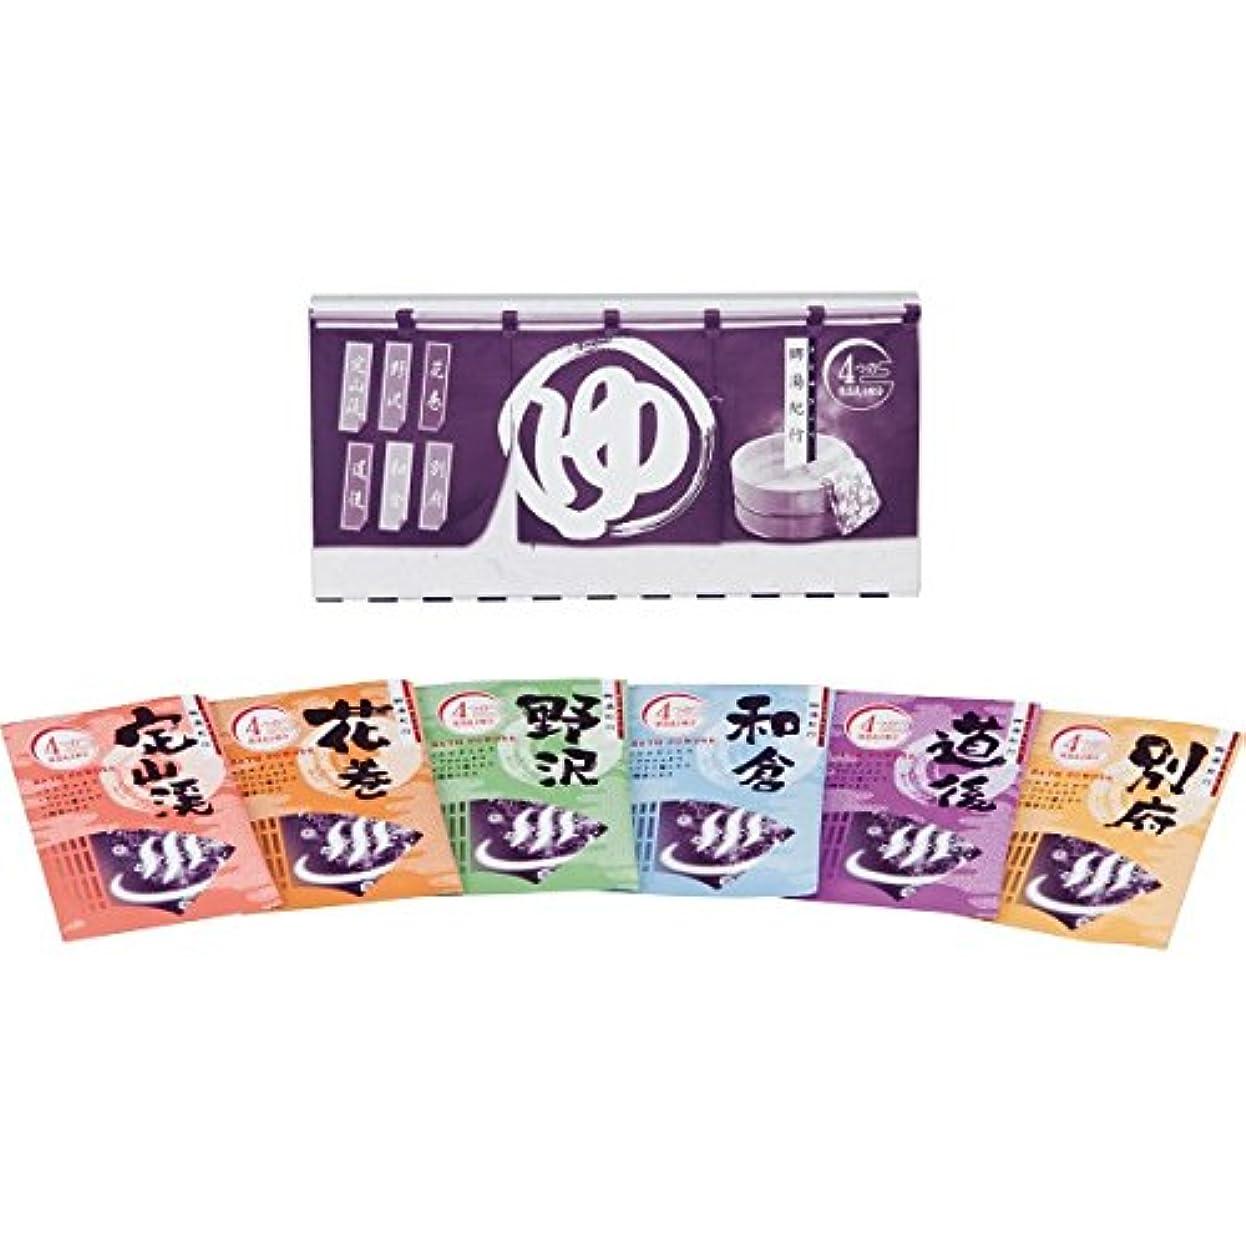 大混乱適用済み内向き薬用入浴剤 郷湯紀行(6包入) 6SS506